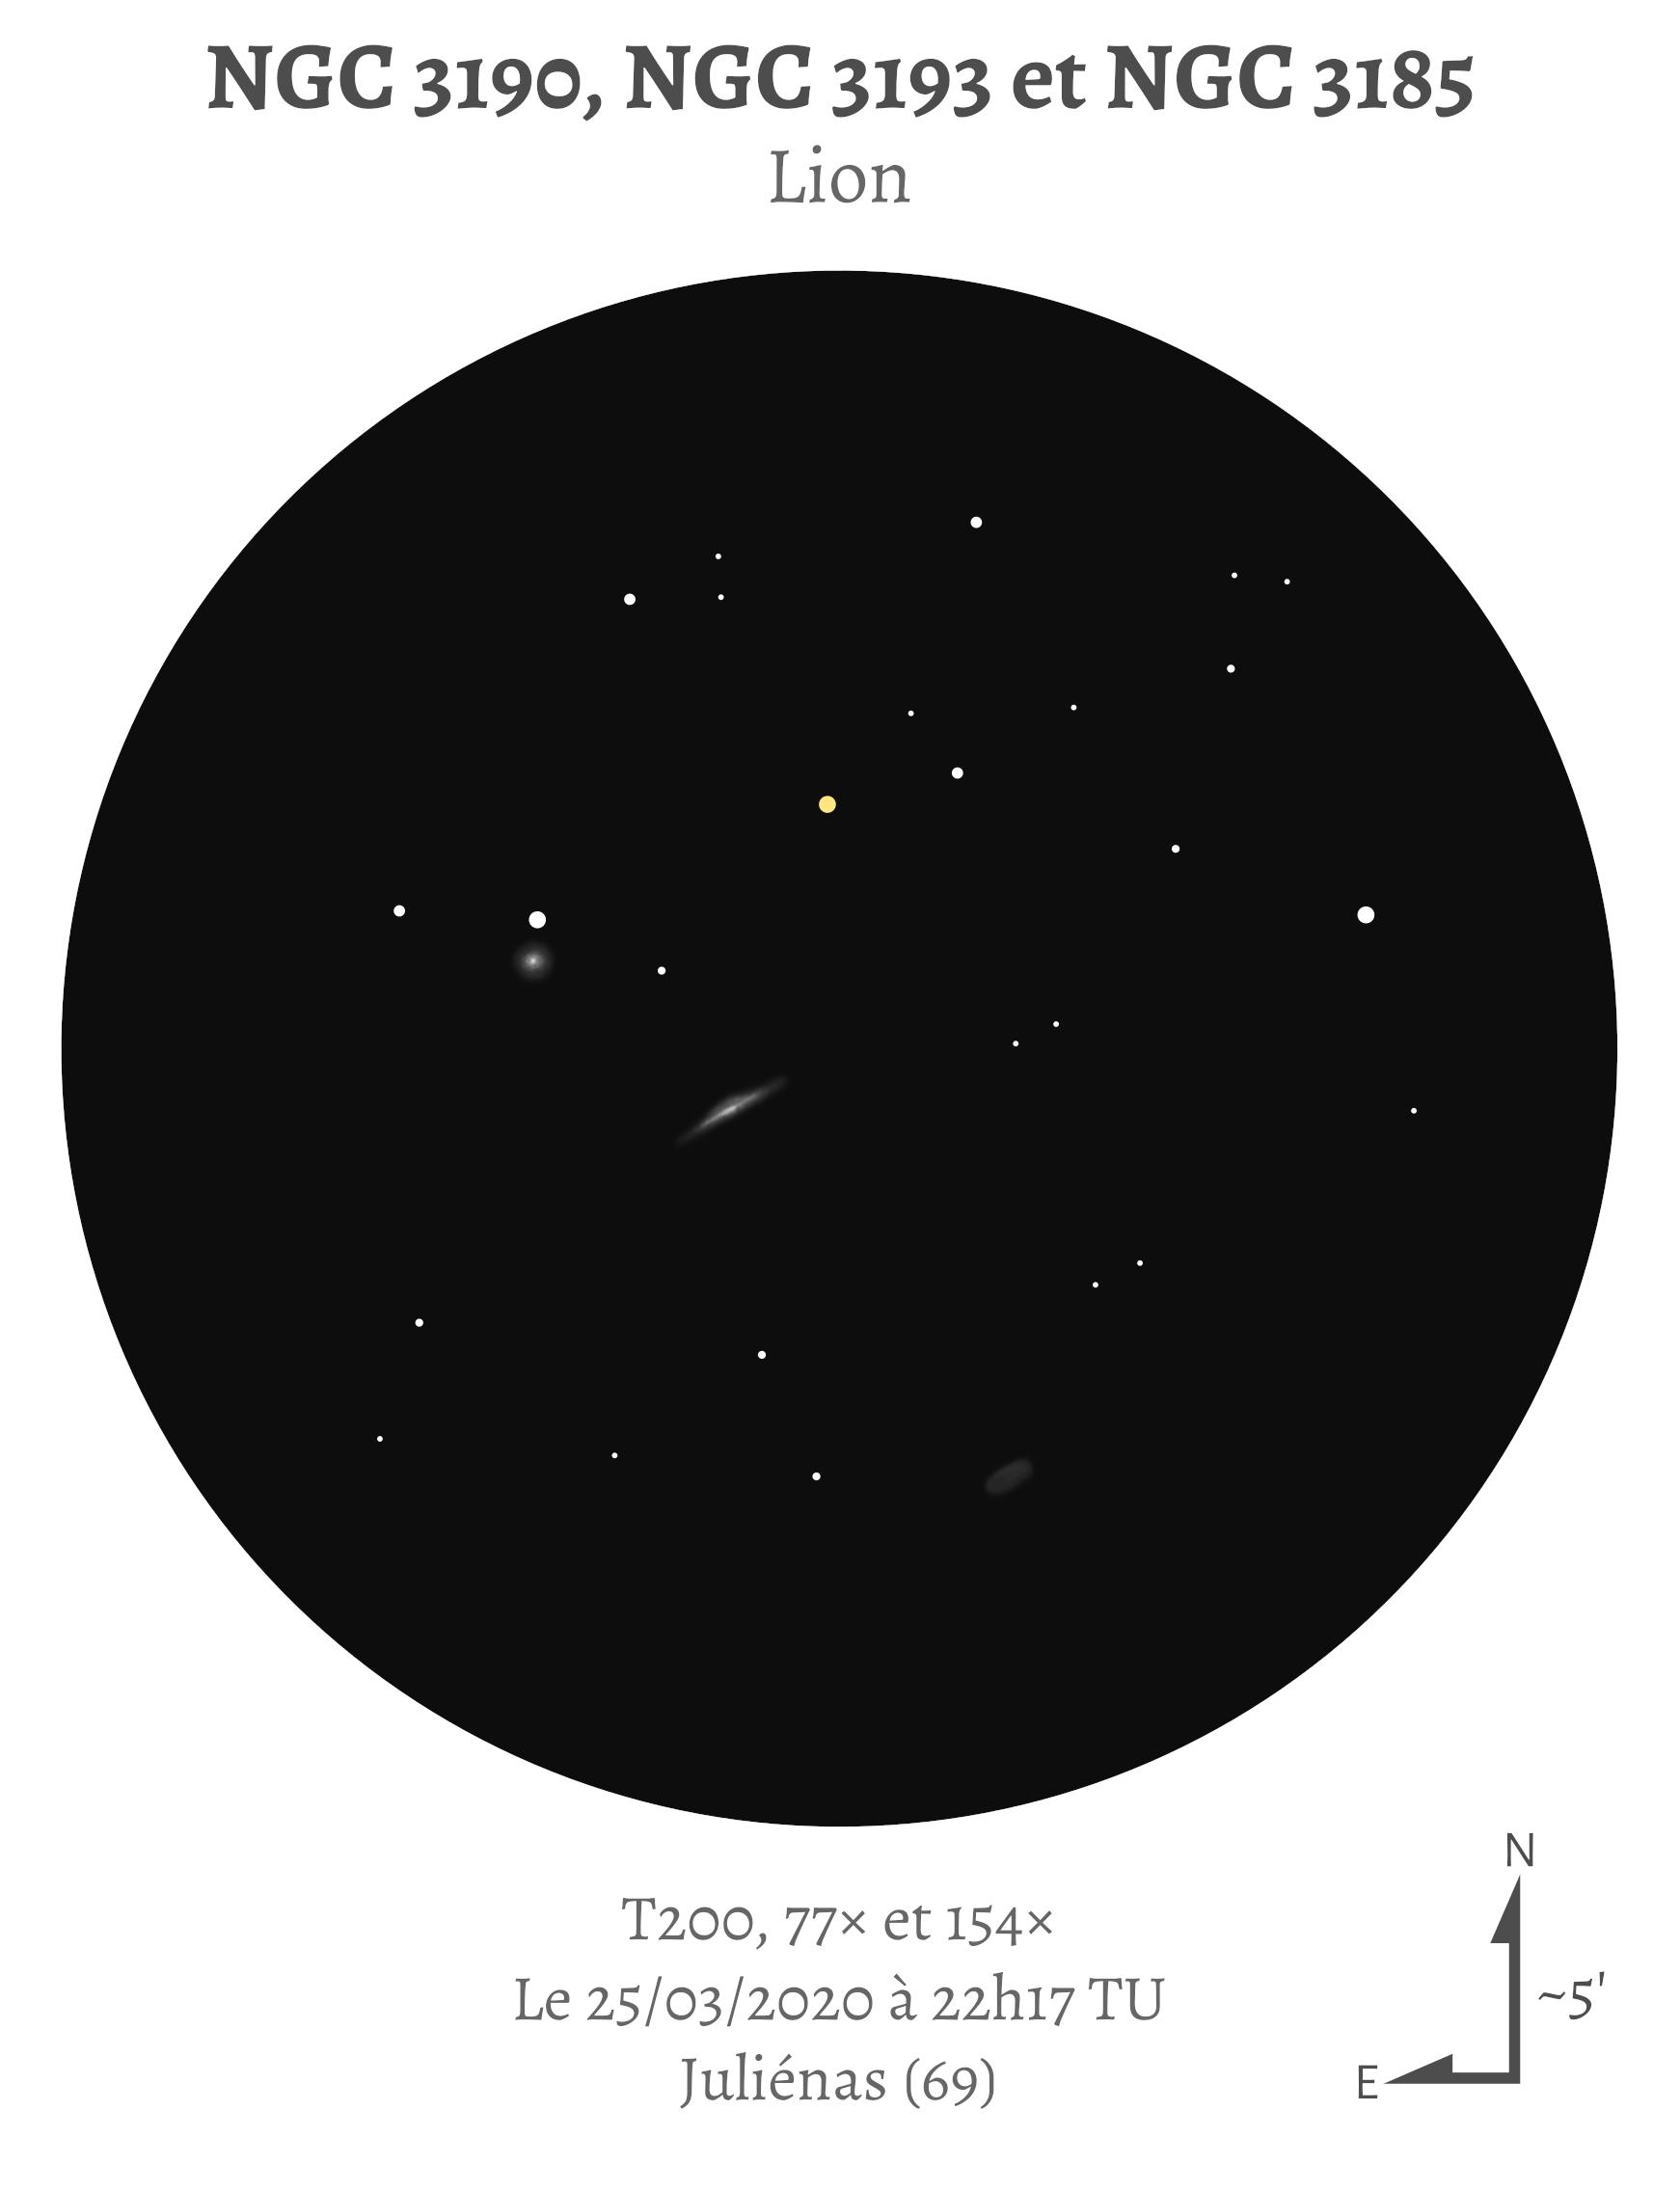 NGC 3190, NGC 3193 et NGC 3185 (Hickson 44) au T200